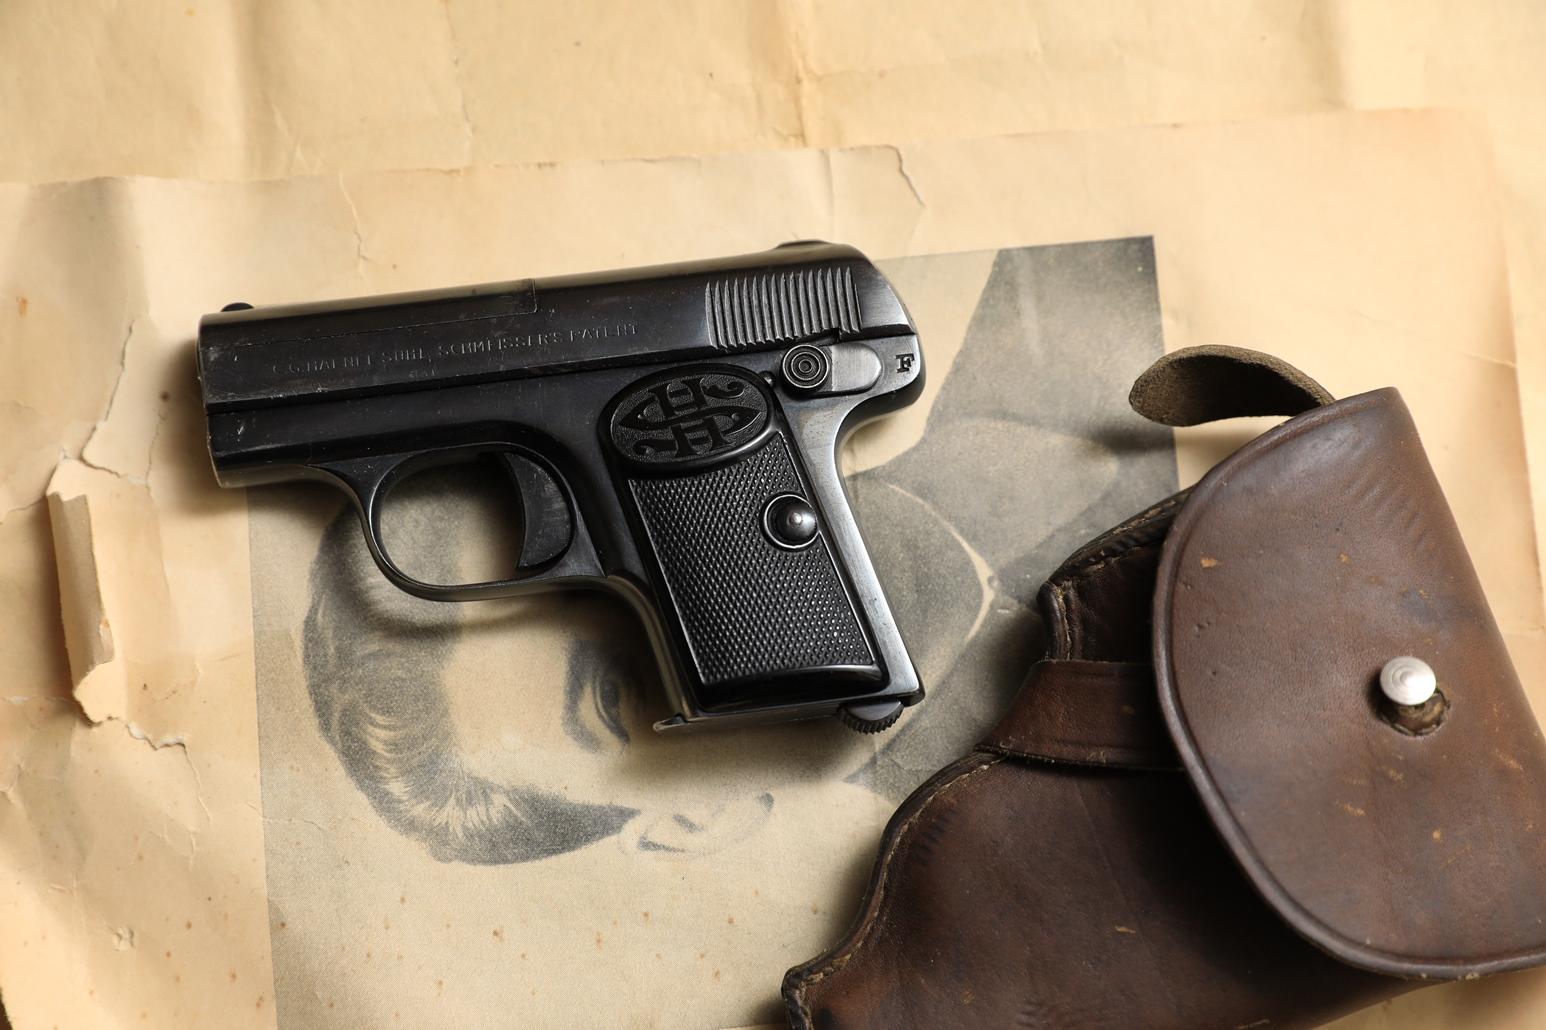 Жилетный пистолет Haenel SUHL-Shmeisser #155402, советская кобура